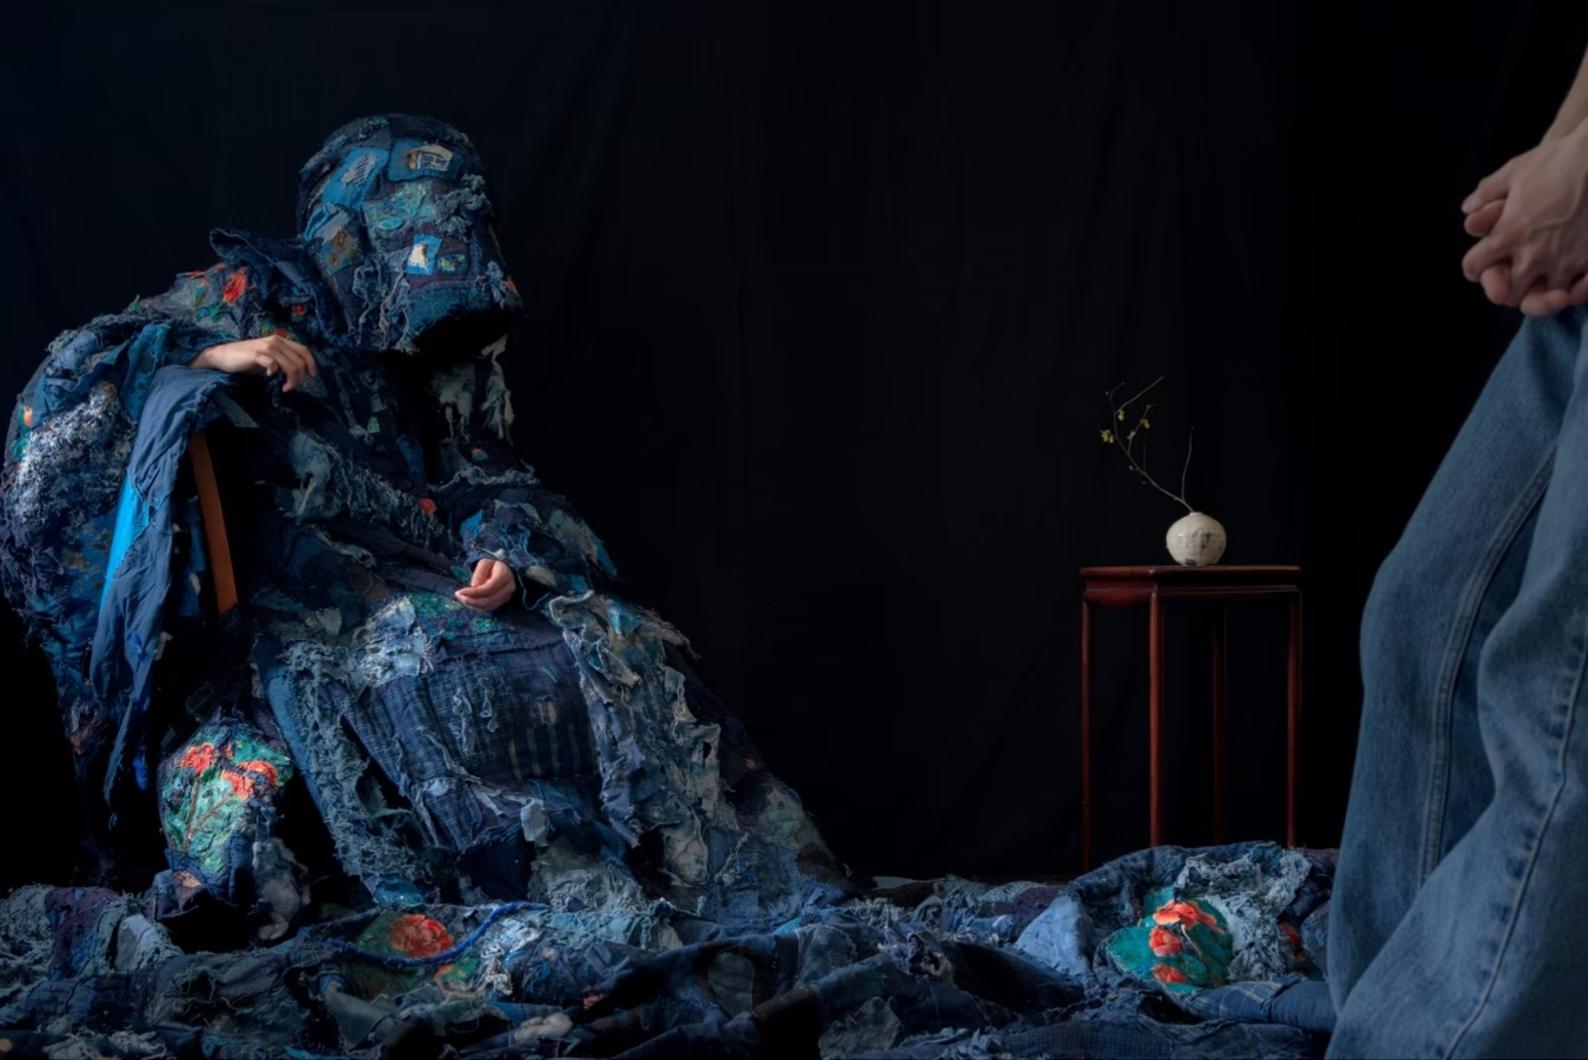 boro couture